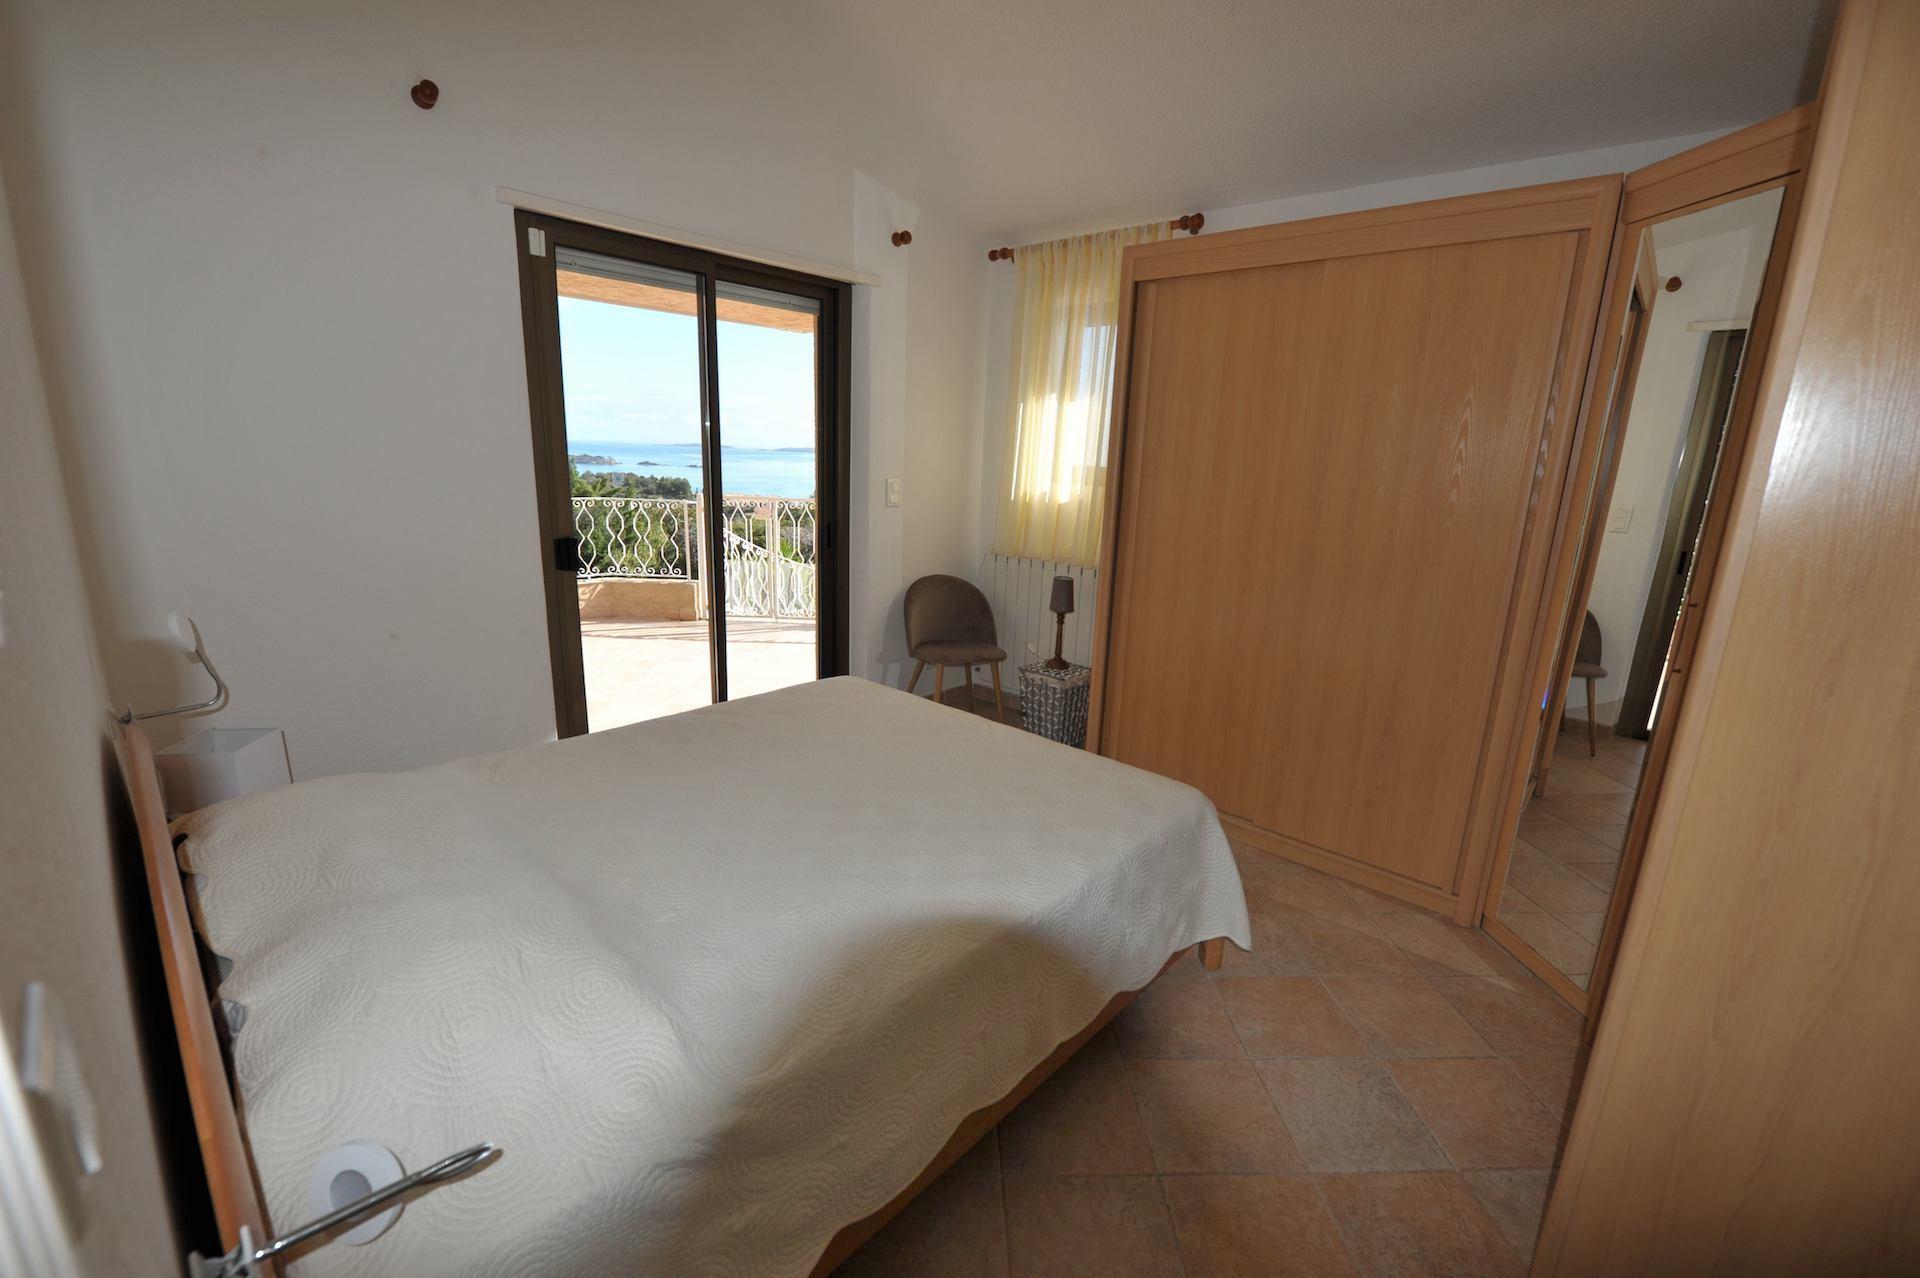 Propriété Domaine de PUNTA D'ORO (sur les hauteurs de Palombaggia/Santa Giulia): À 600m. à pied de sa plage privée, Propriété 13 pièces comprenant Villa T-7 SUPERBE VUE MER PANORAMIQUE À 180° avec PISCINE et JACUZZI + 2 T-3 indépendants.